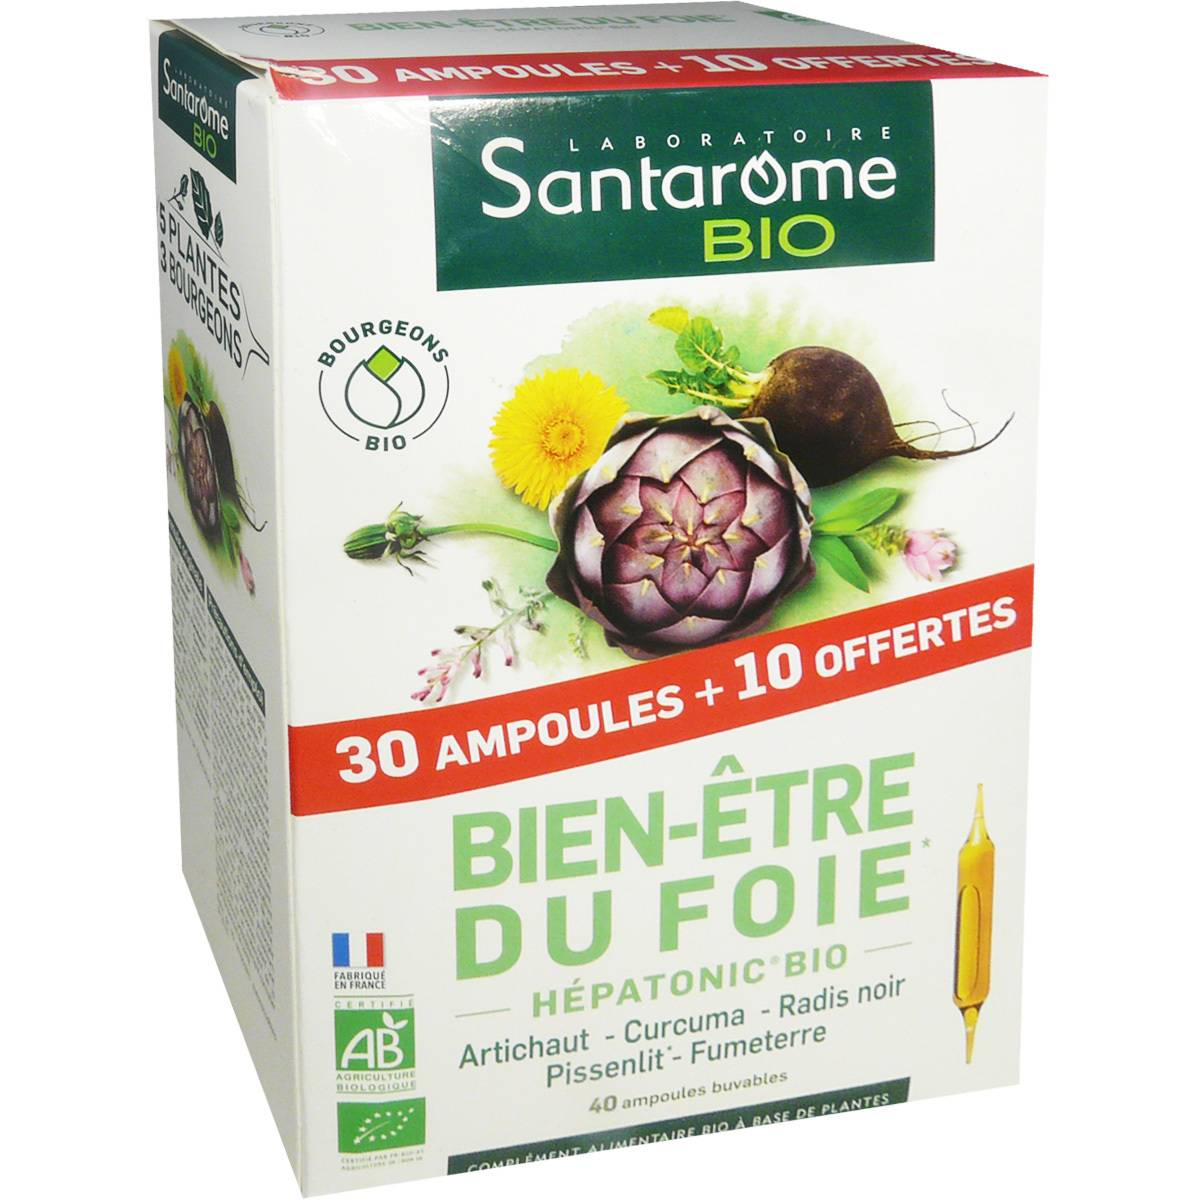 Santarome bio bien etre du fois hepatonic bio 30 + 10 ampoules offertes